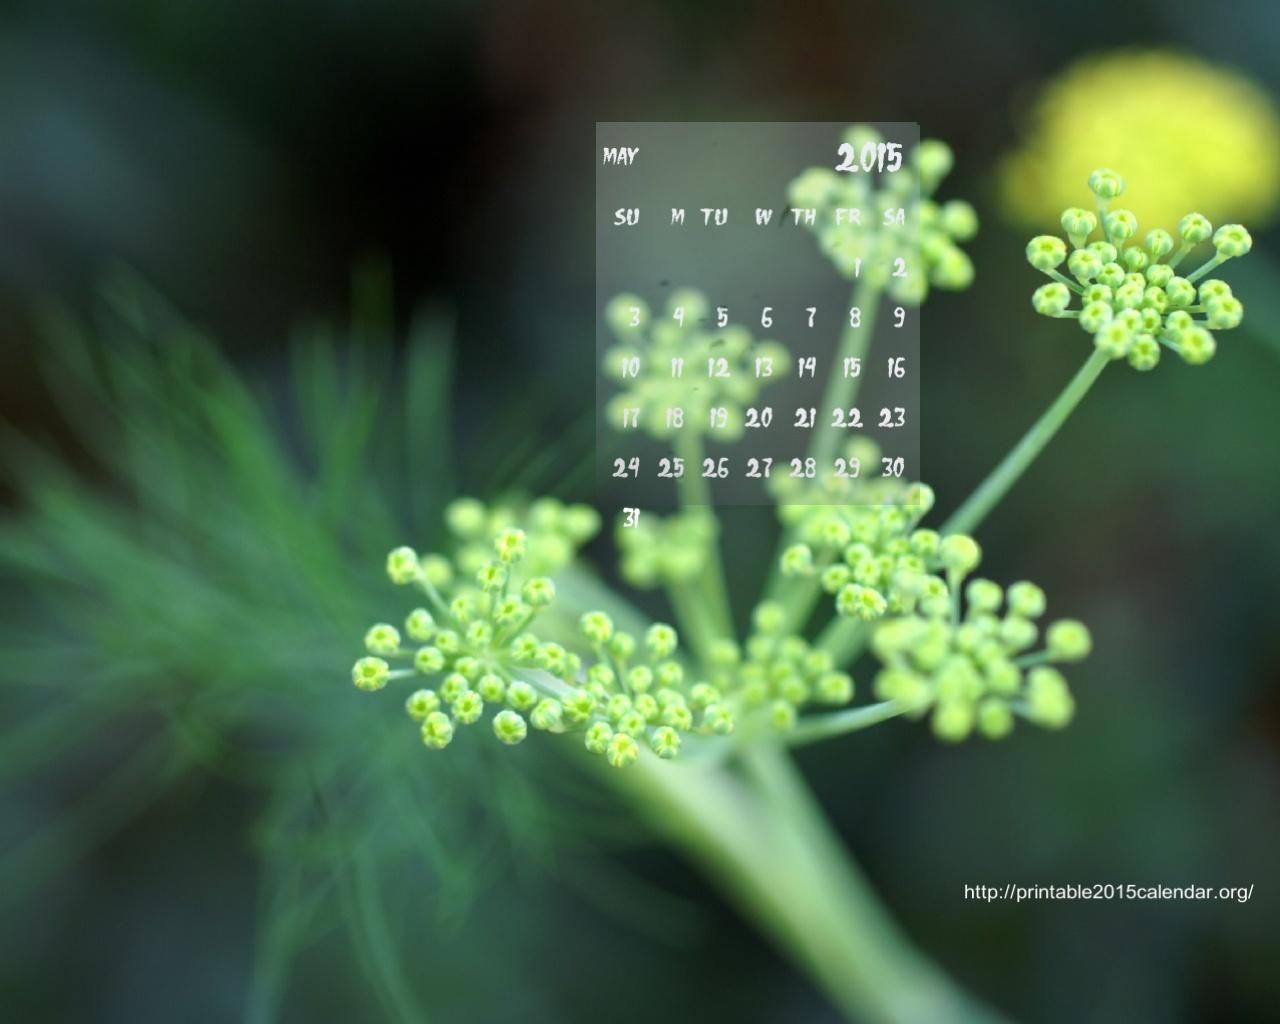 2015 Calendar HD Wallpaper 2015 Calendar 1280x1024